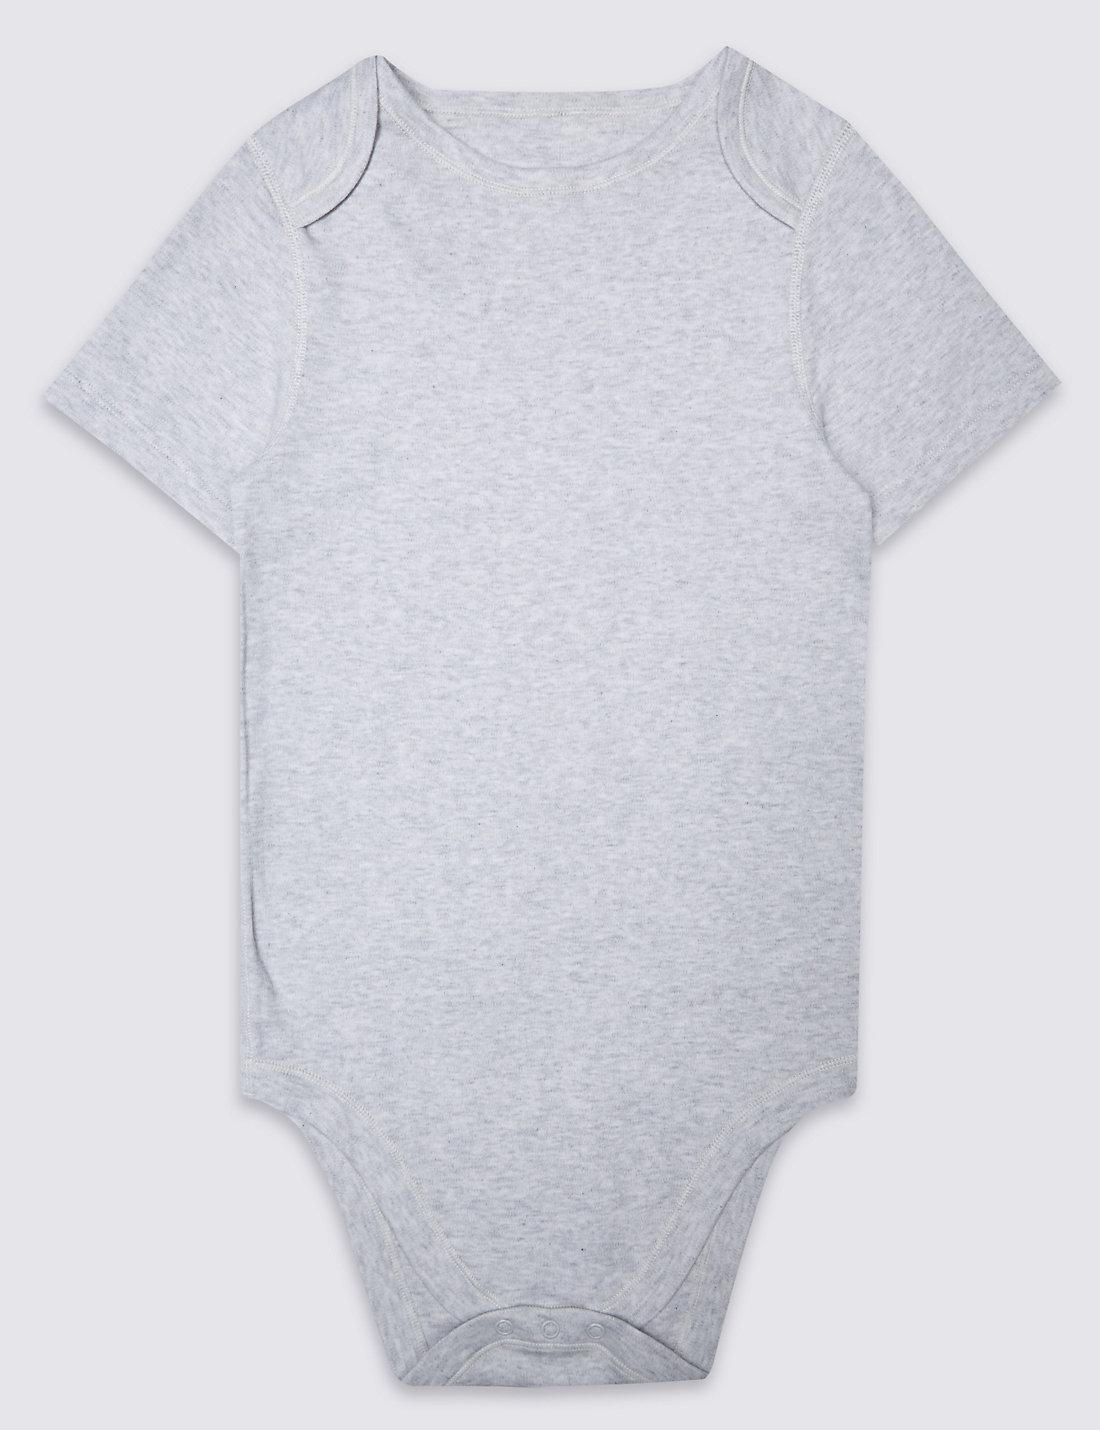 大きいサイズ、障害児、医療的ケア児、半袖ロンパース肌着